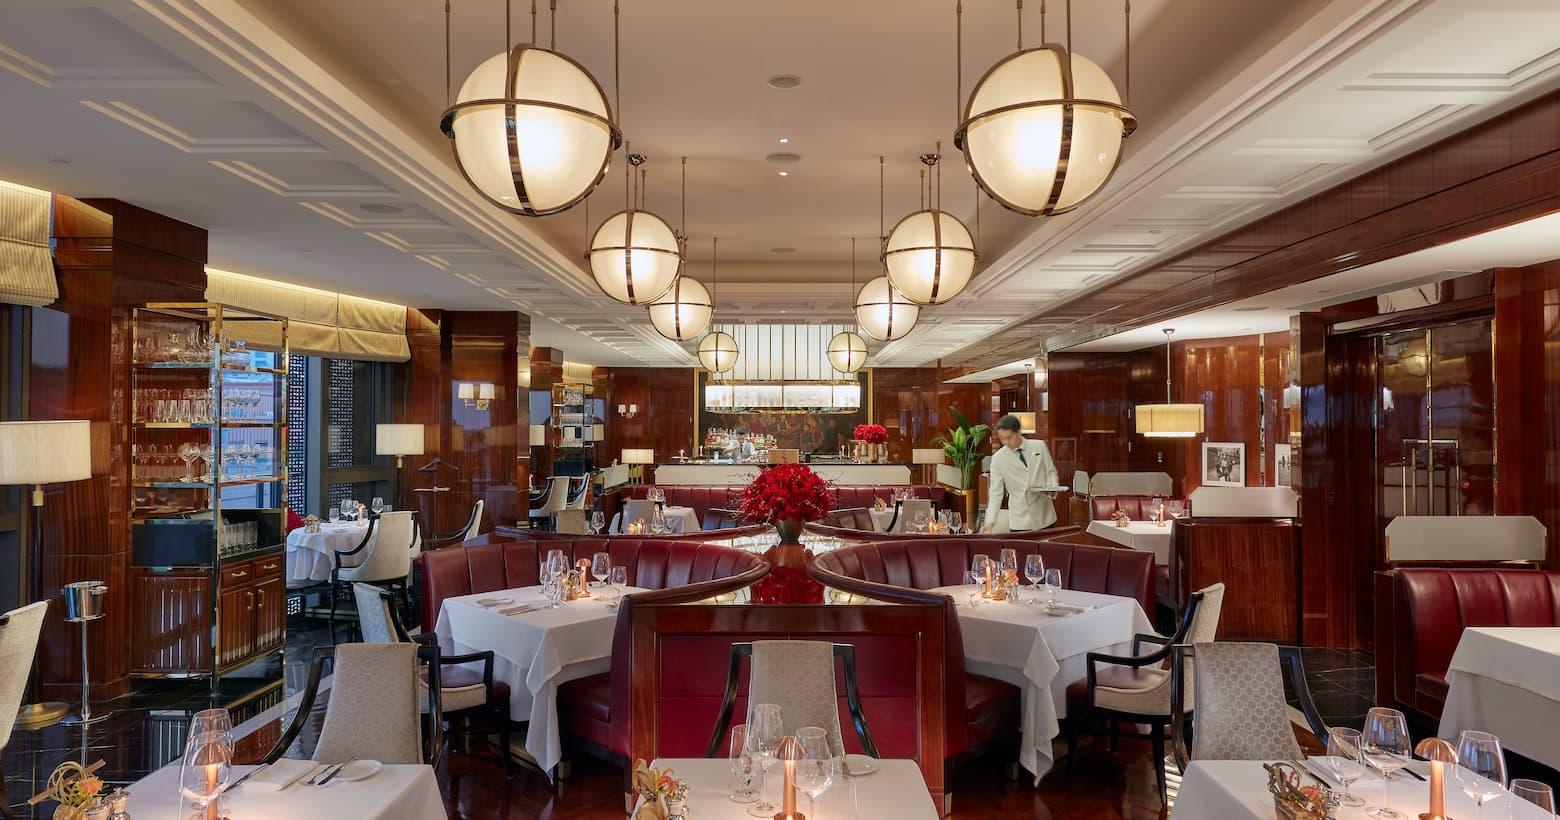 mandarin grill & bar dining room